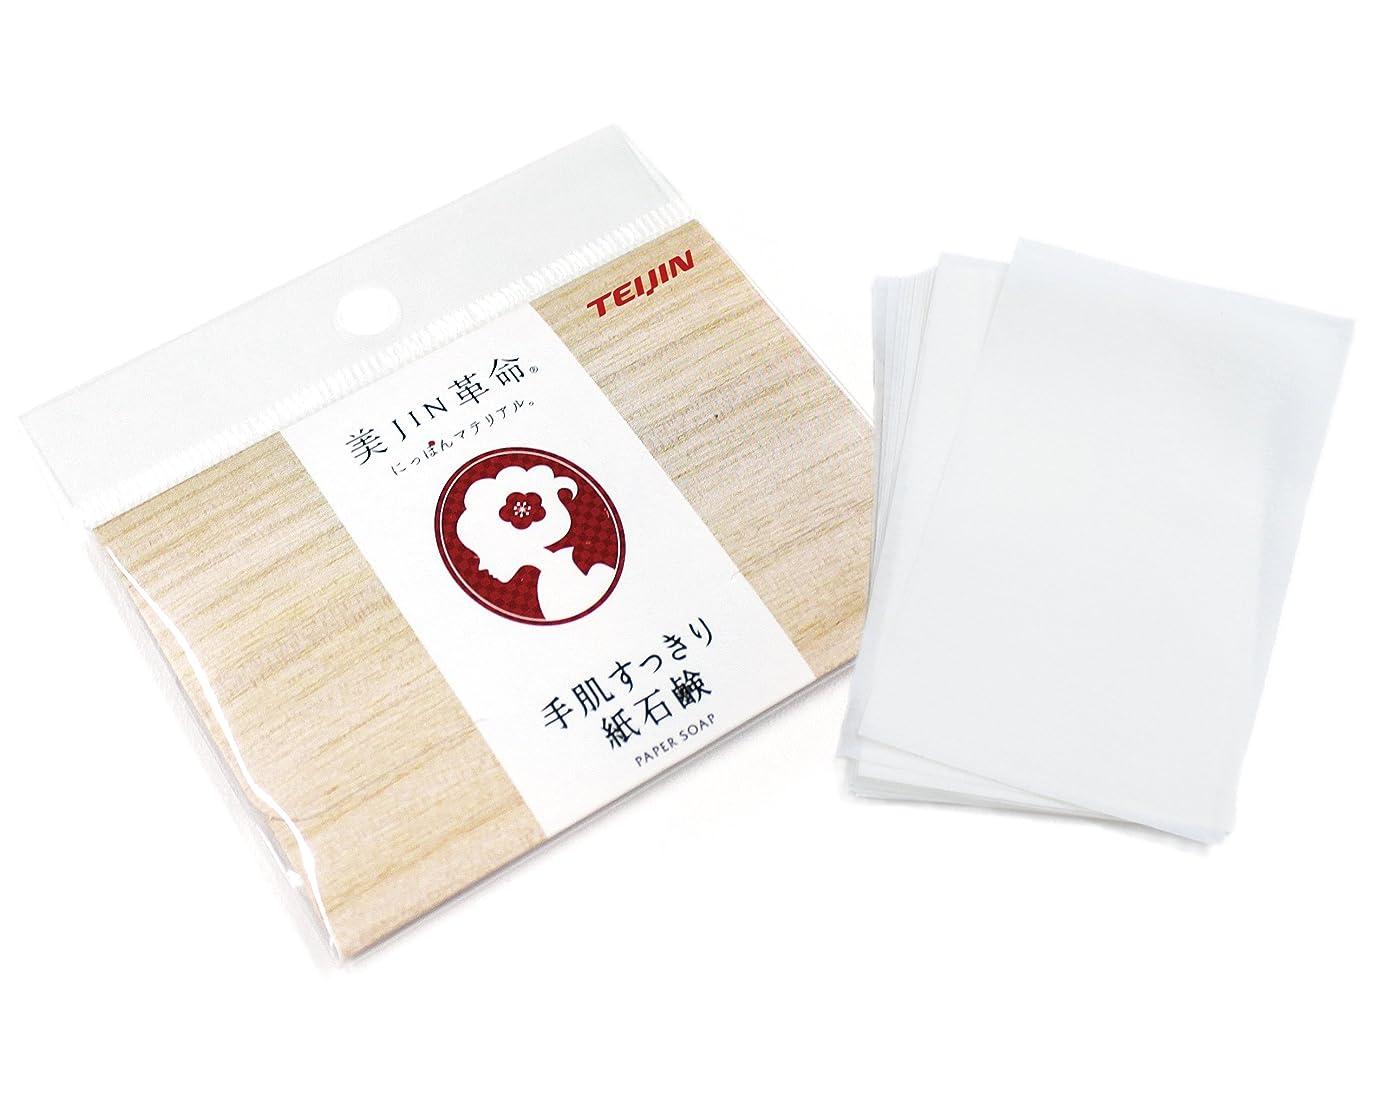 ギャラントリーカリキュラムクリエイティブ美JIN革命 手肌すっきり 紙石鹸